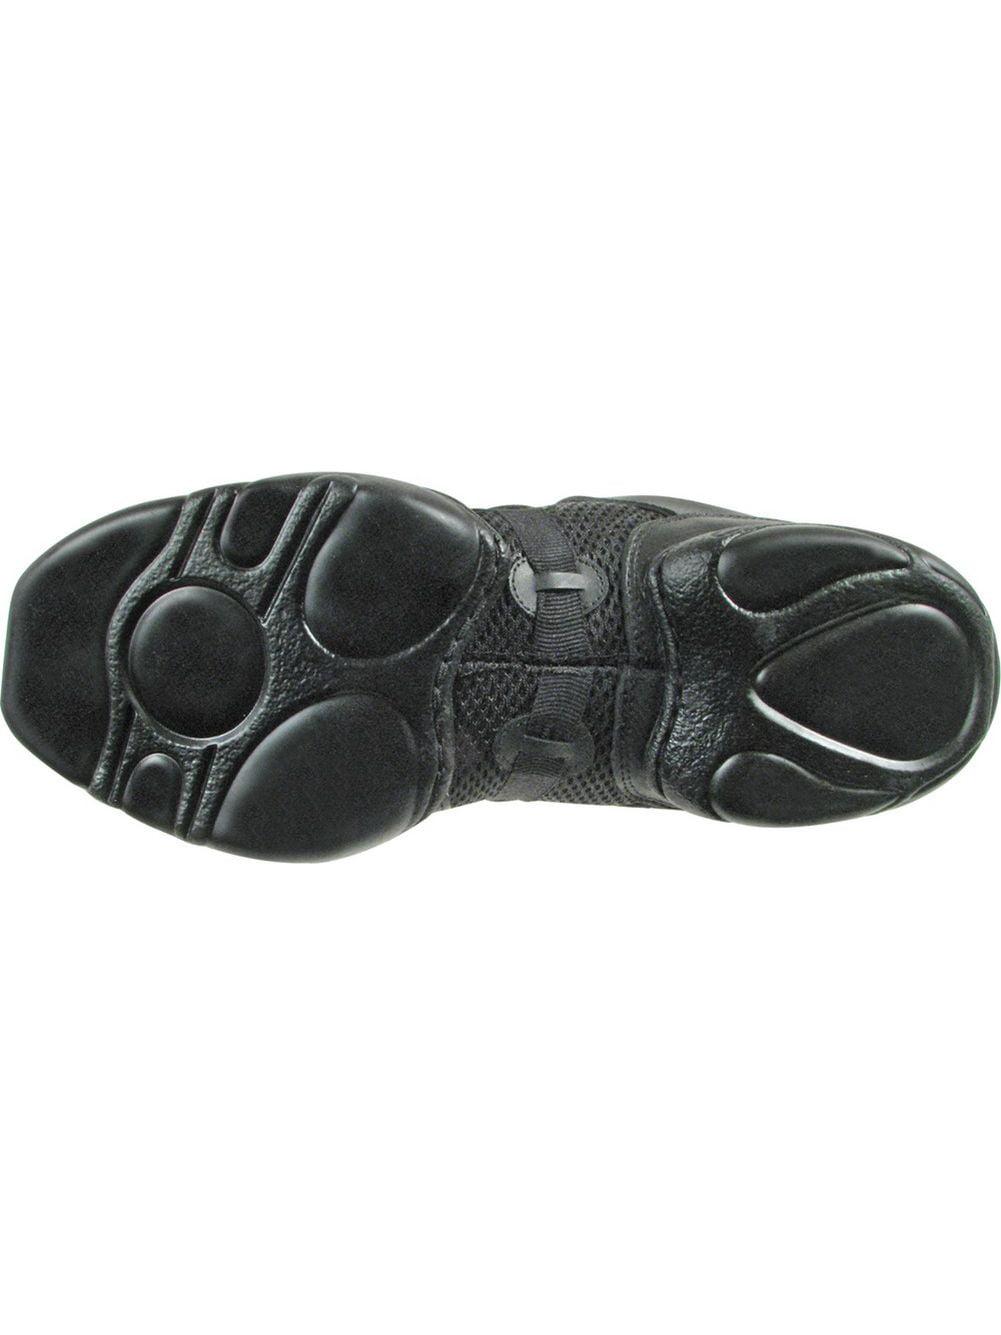 Black Leather Mesh Upper Split Rubber Sole Dance Jazz Sneakers 412 Womens